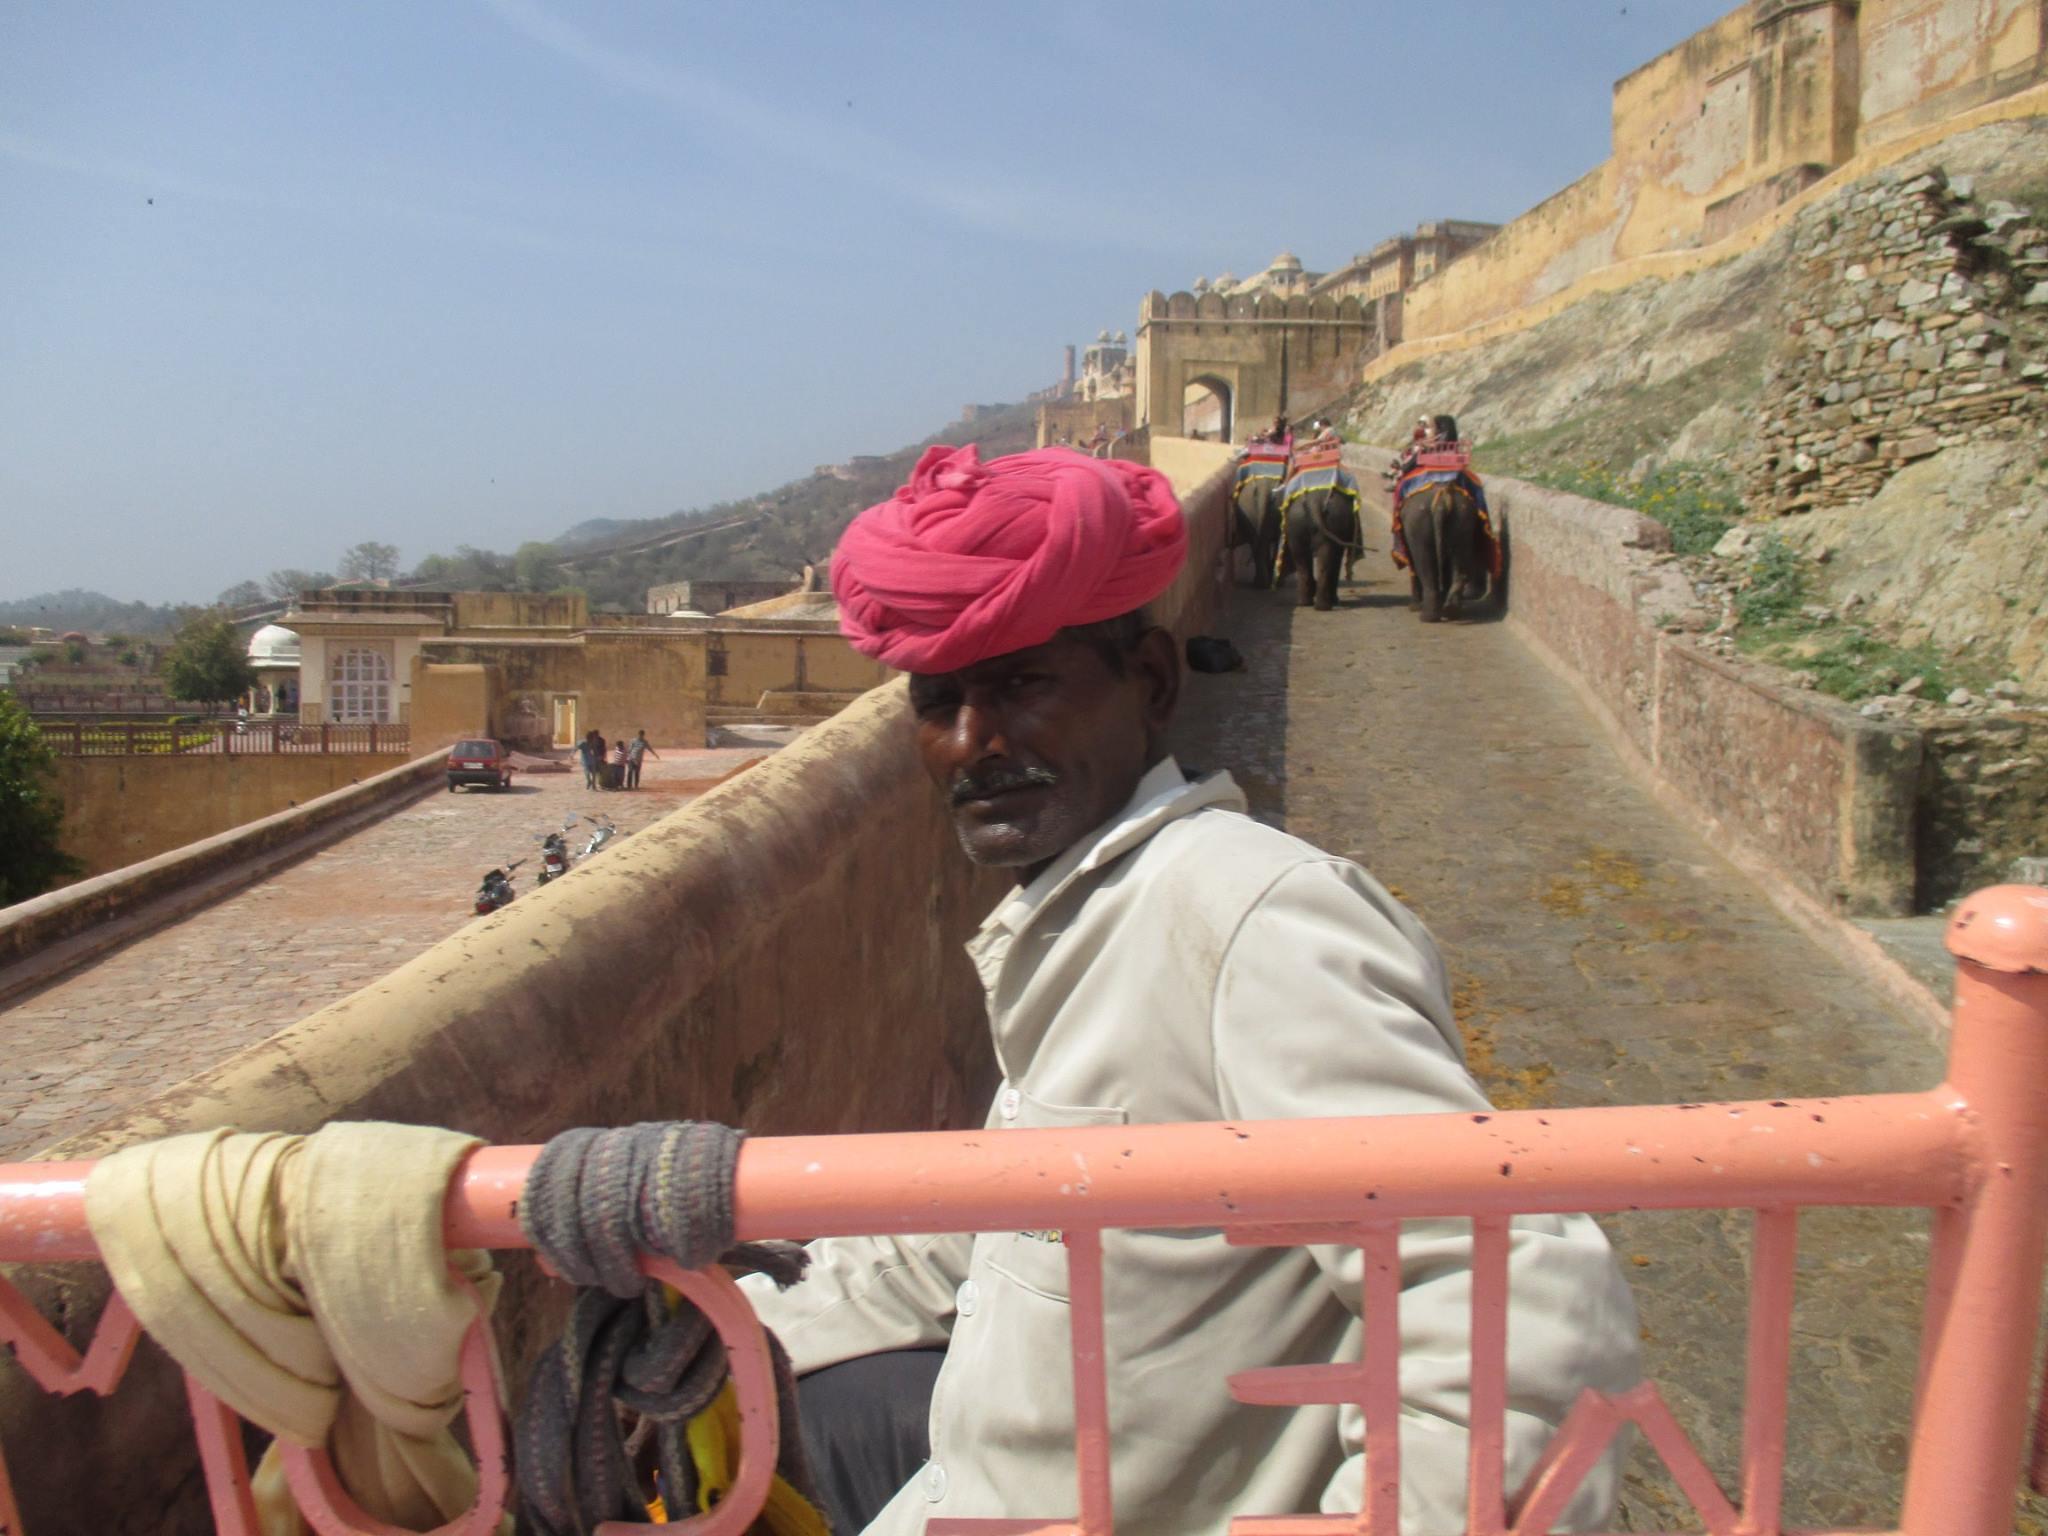 Снимки от Екскурзия в Индия от 03.05.2020